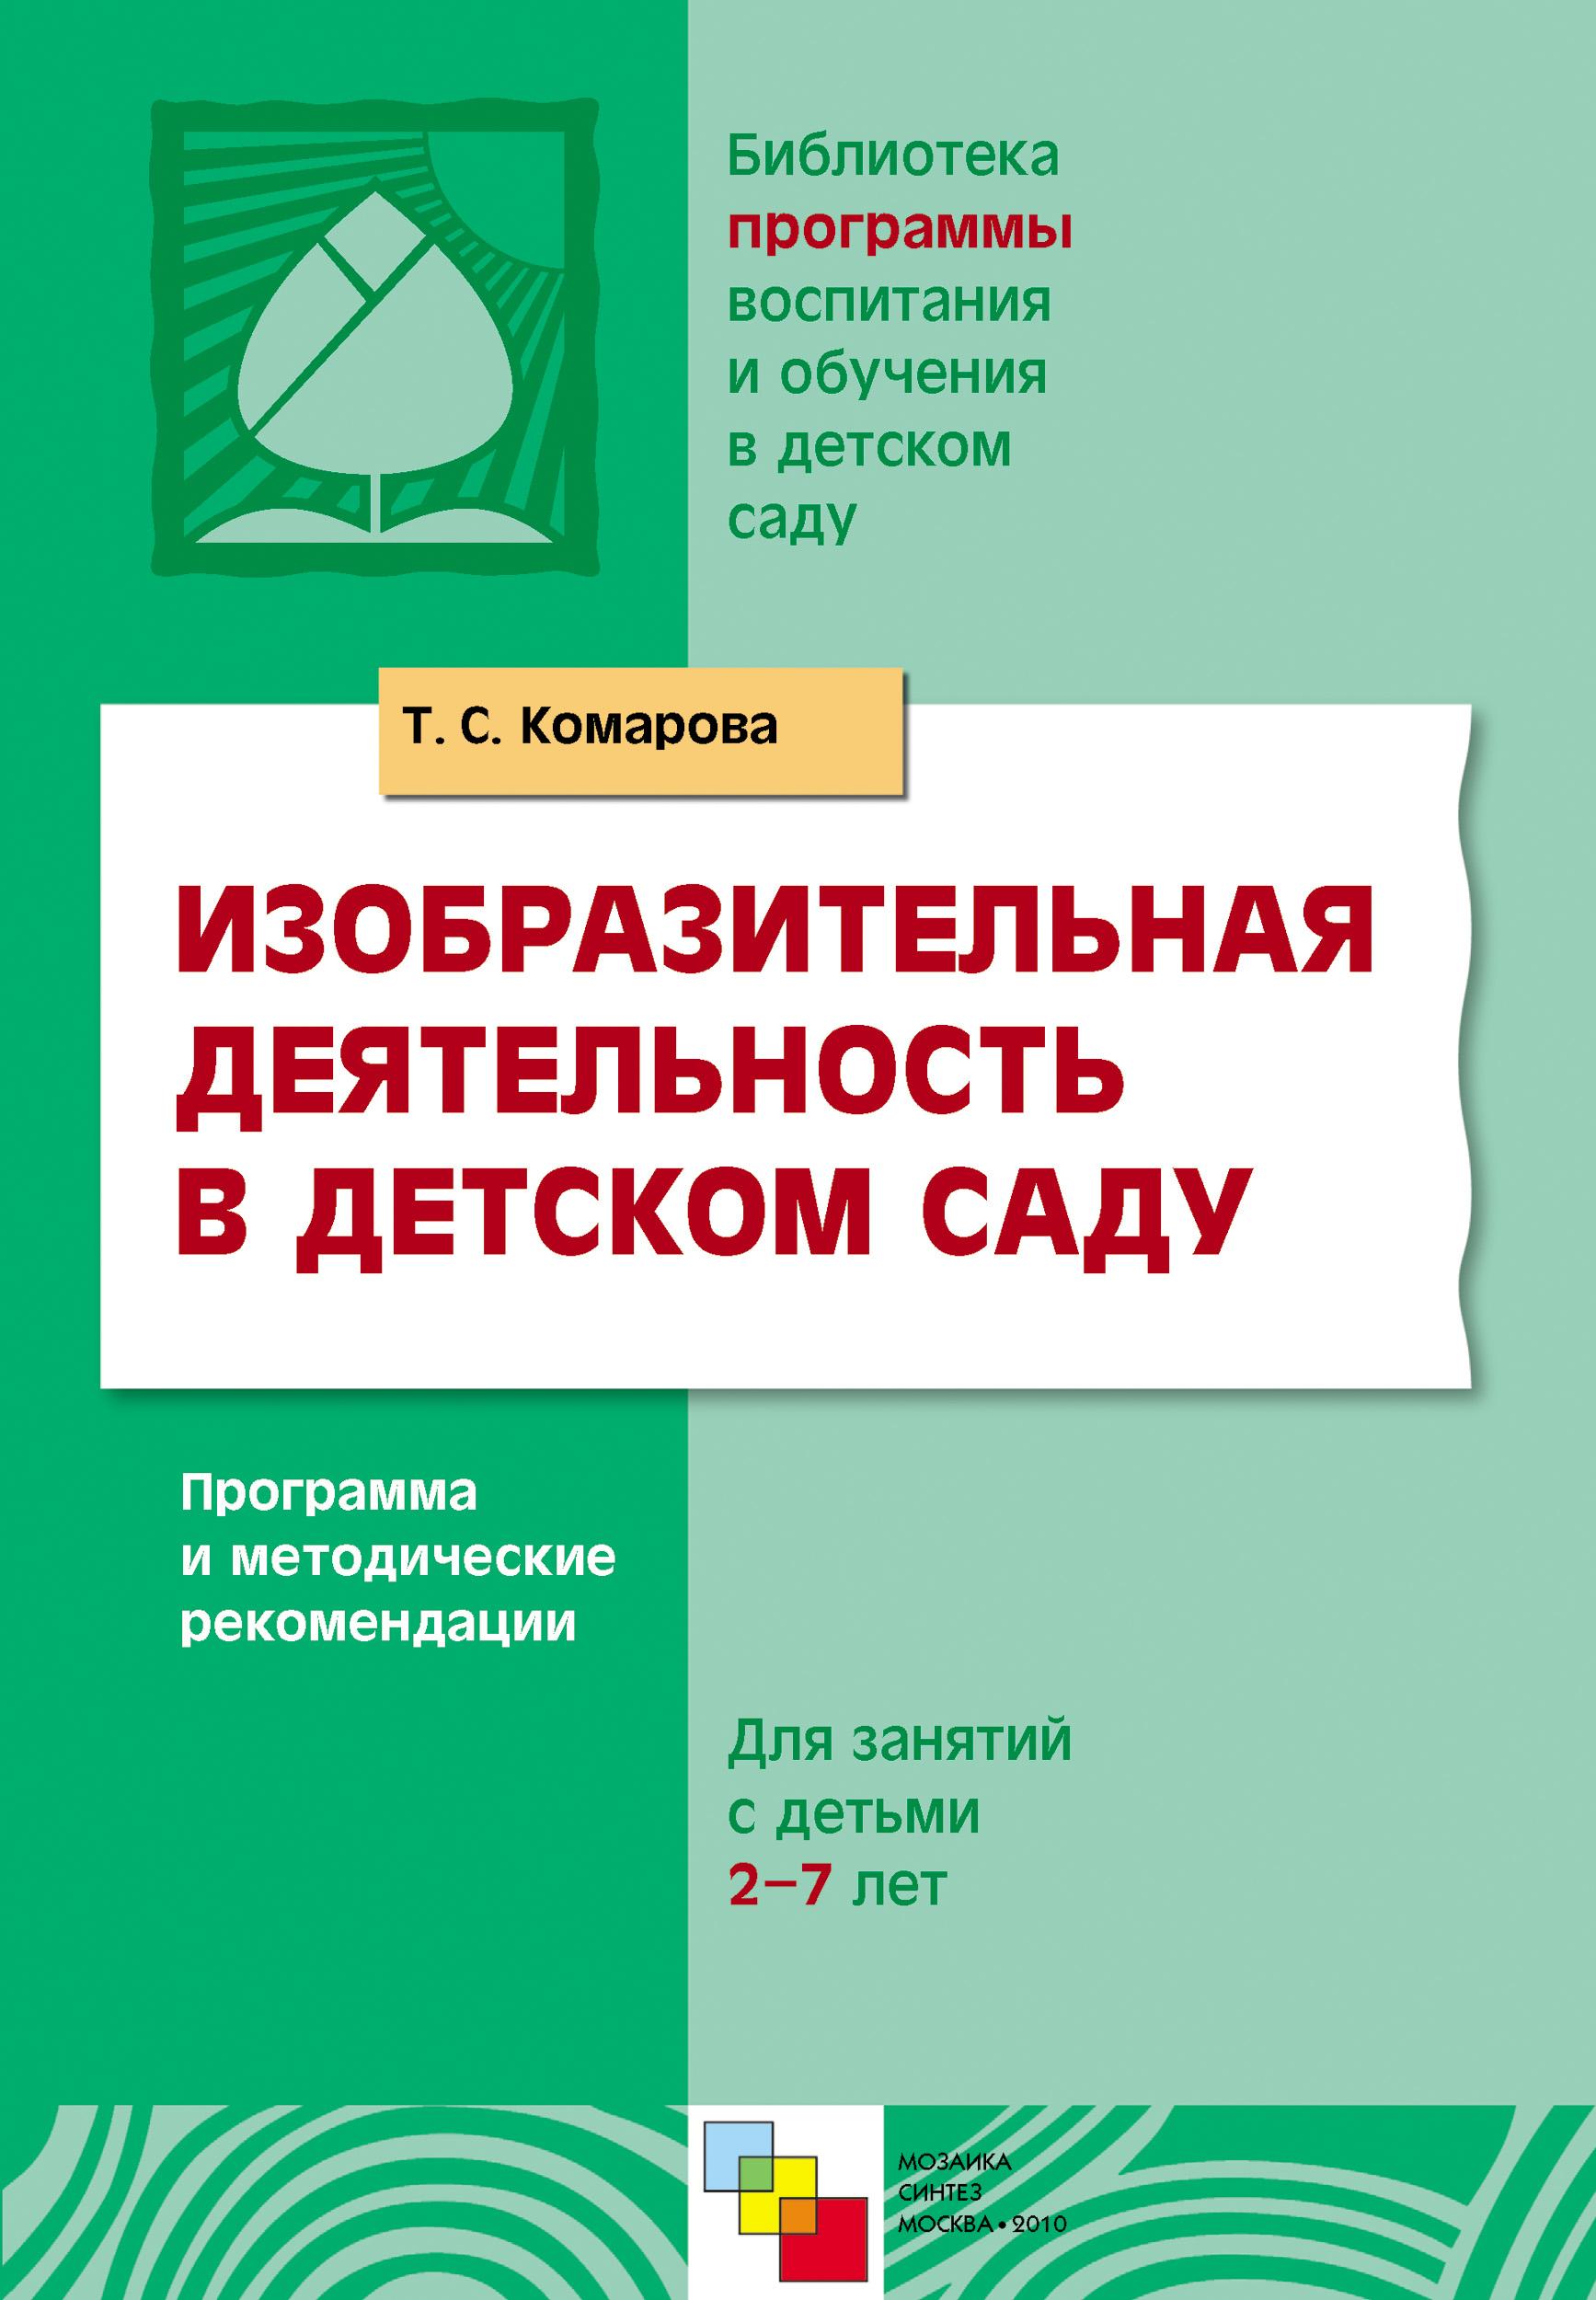 Доклад изобразительная деятельность в детском саду 2309